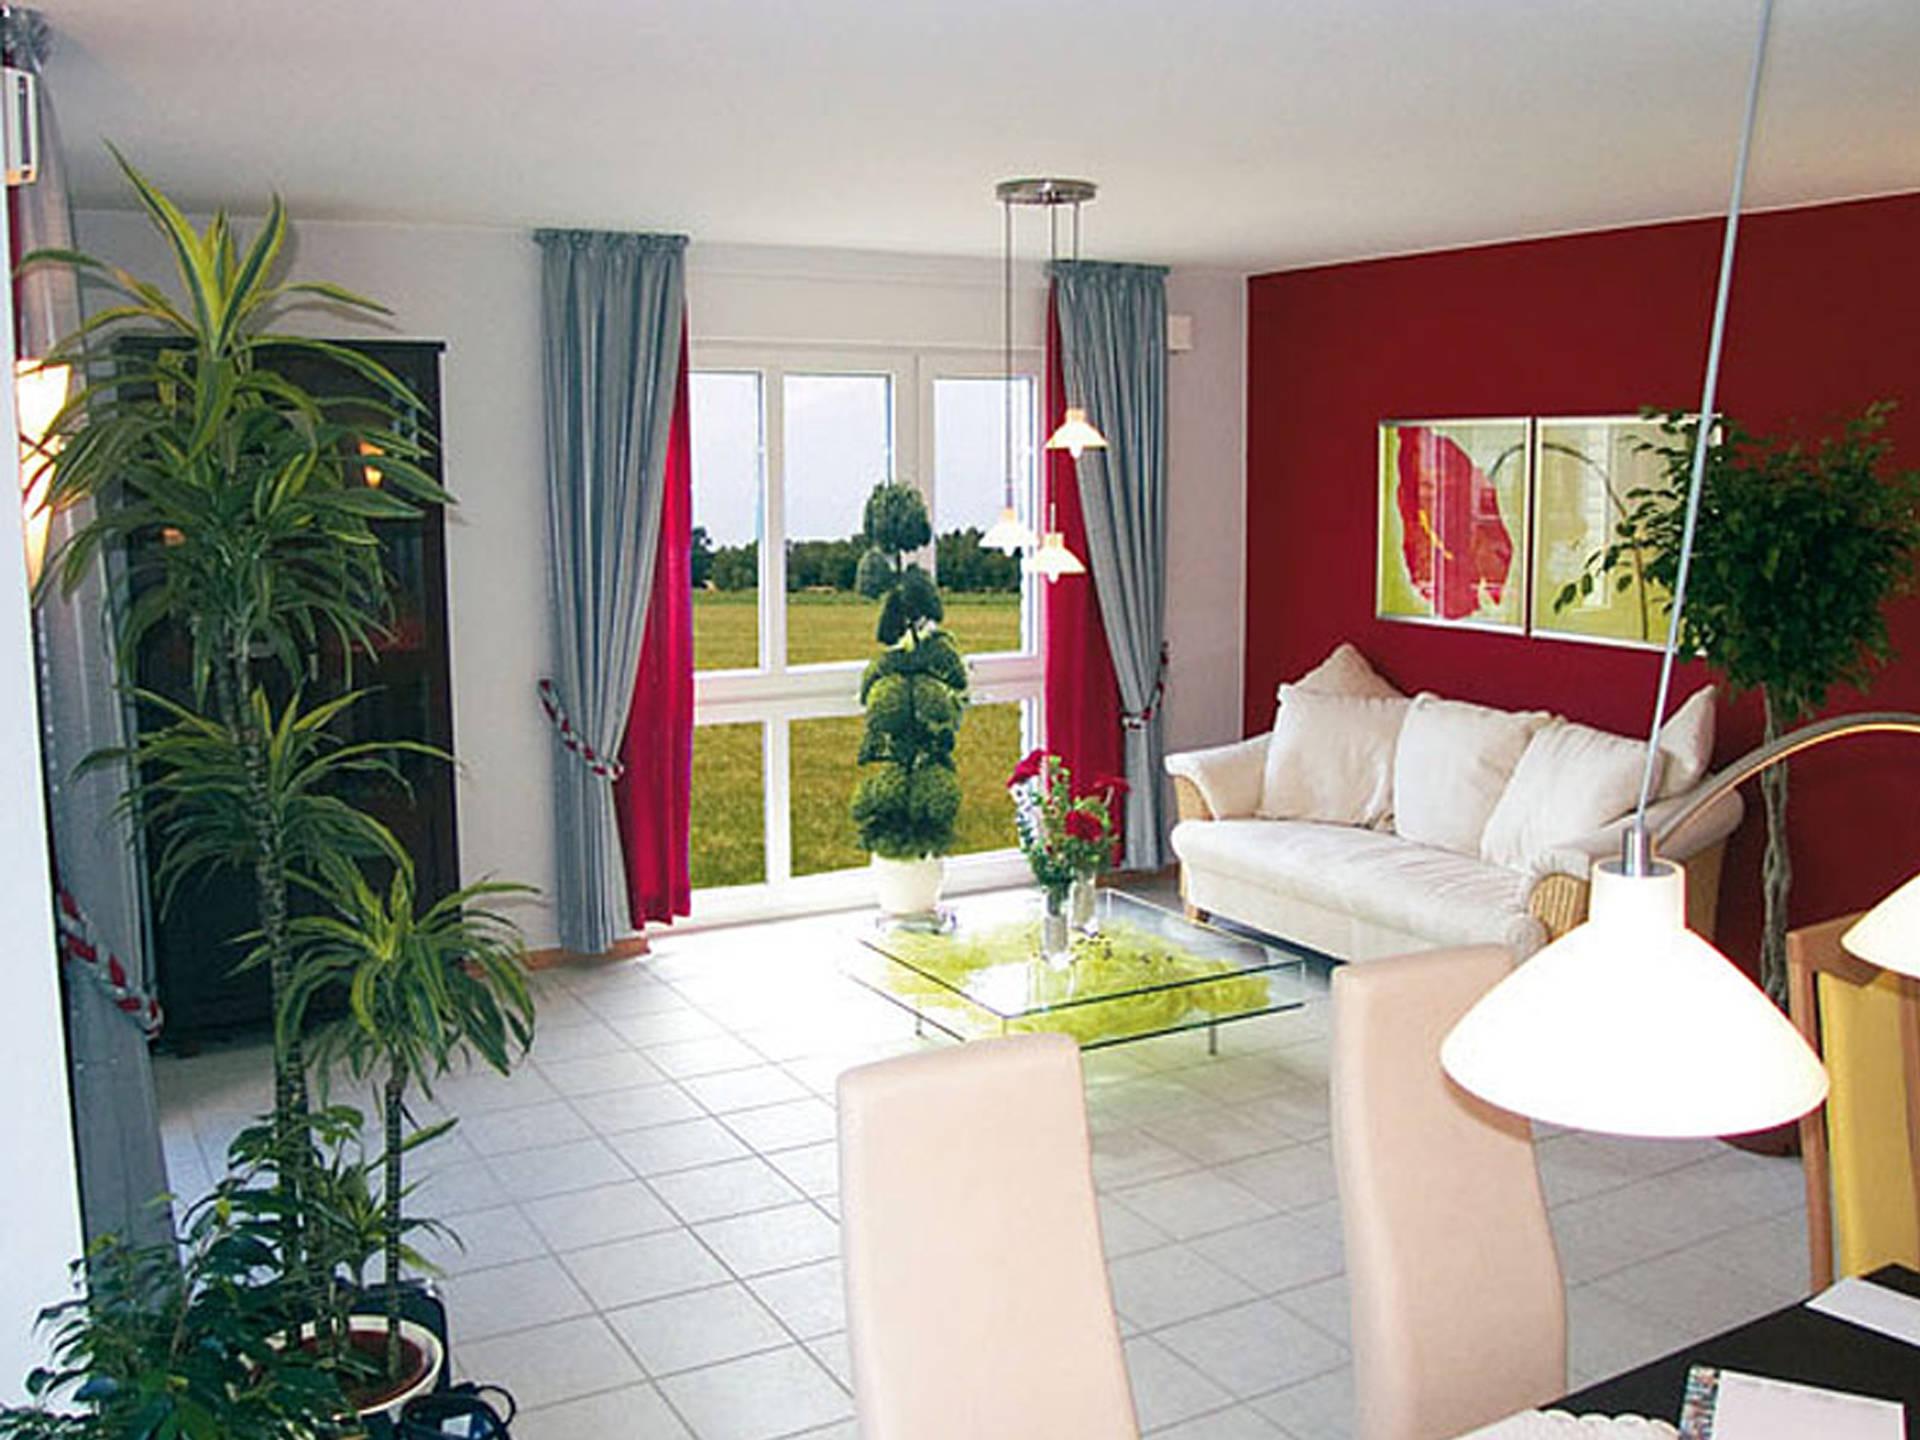 Einfamilienhaus berlin helma eigenheimbau for Einfamilienhaus innenansicht